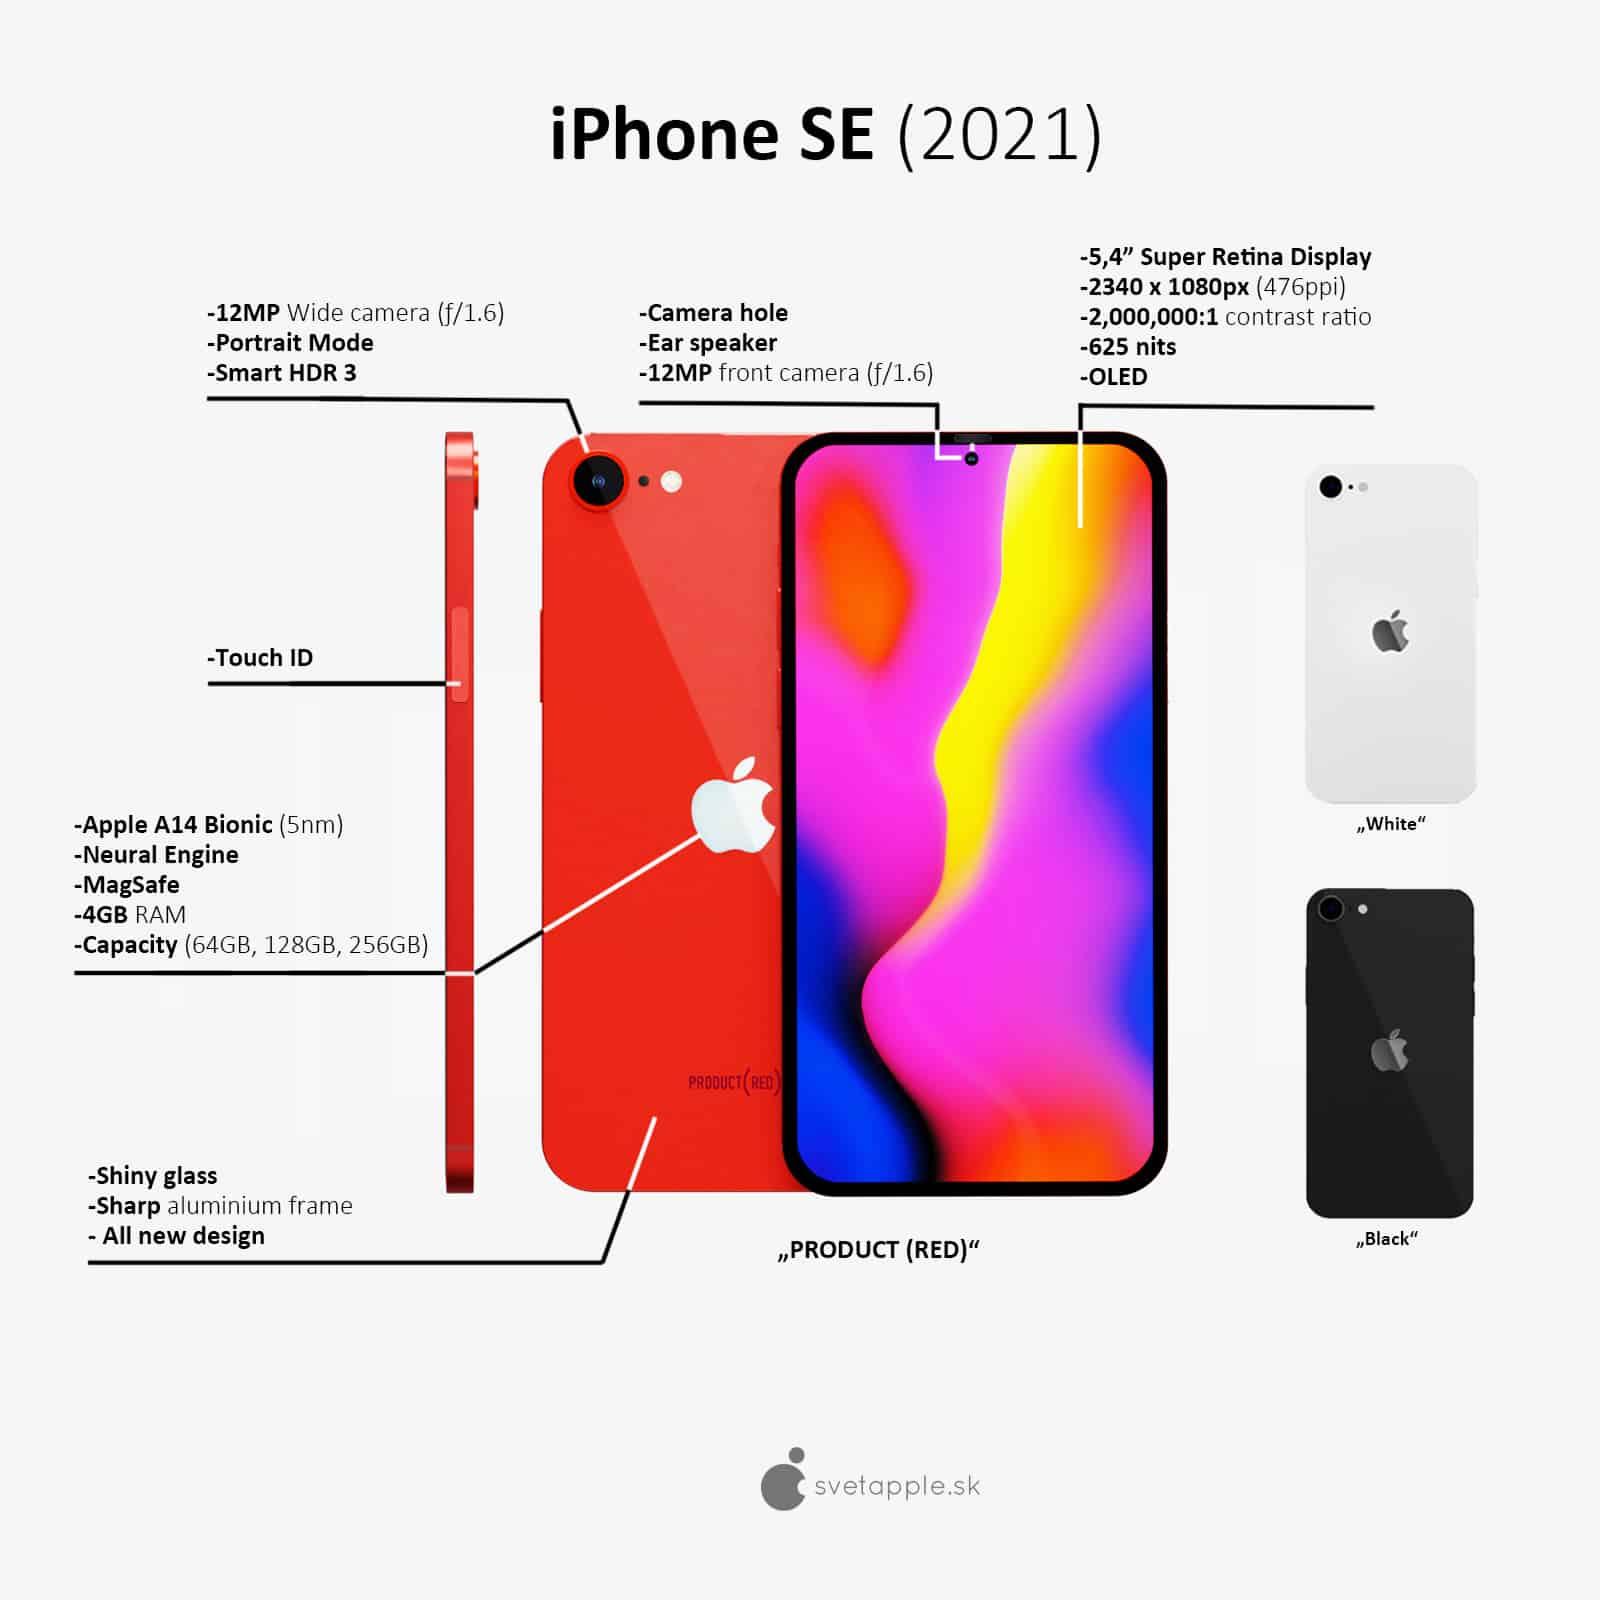 iPhone SE 3. generácie v podaní svetapple.sk